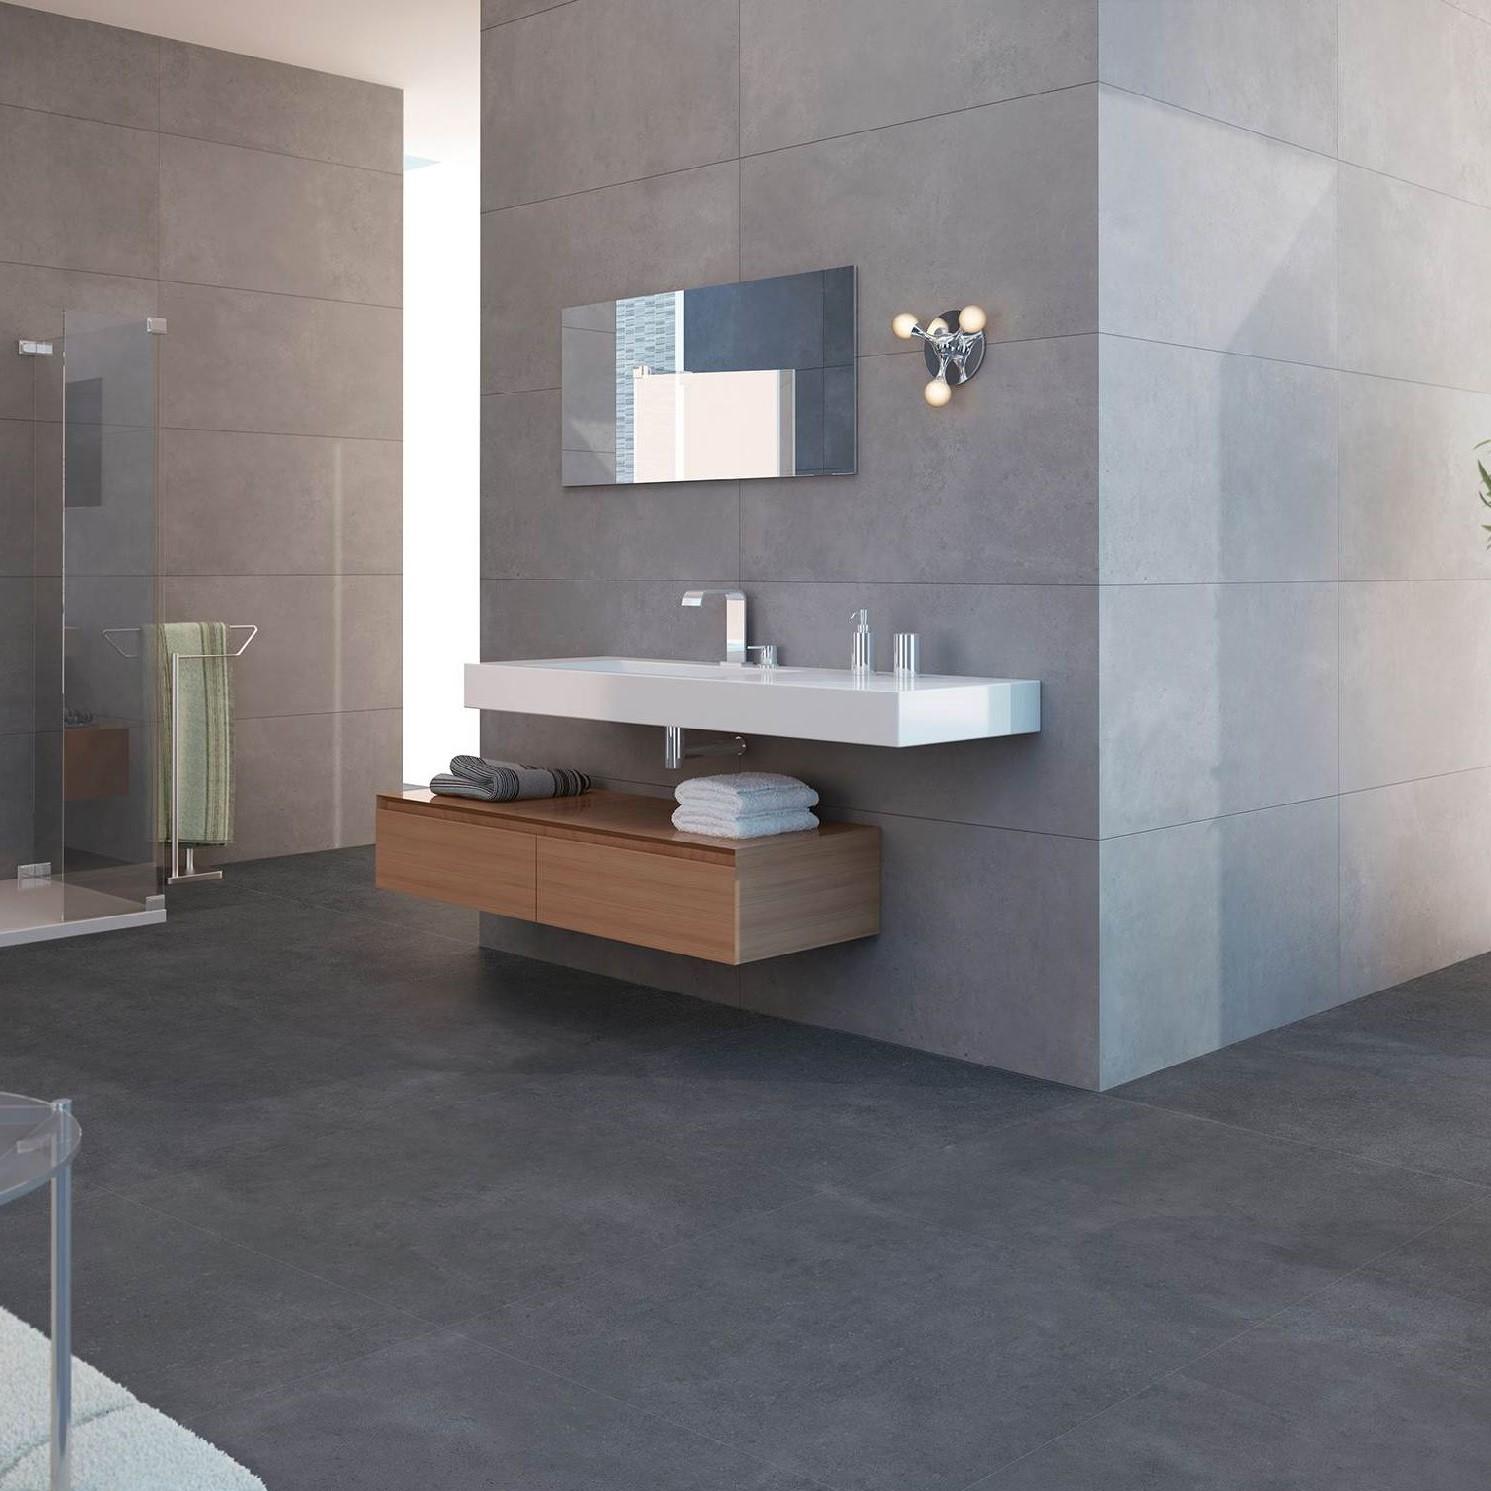 NEXUS_0 O'Connor Carroll Bathrooms & Tiles Dublin